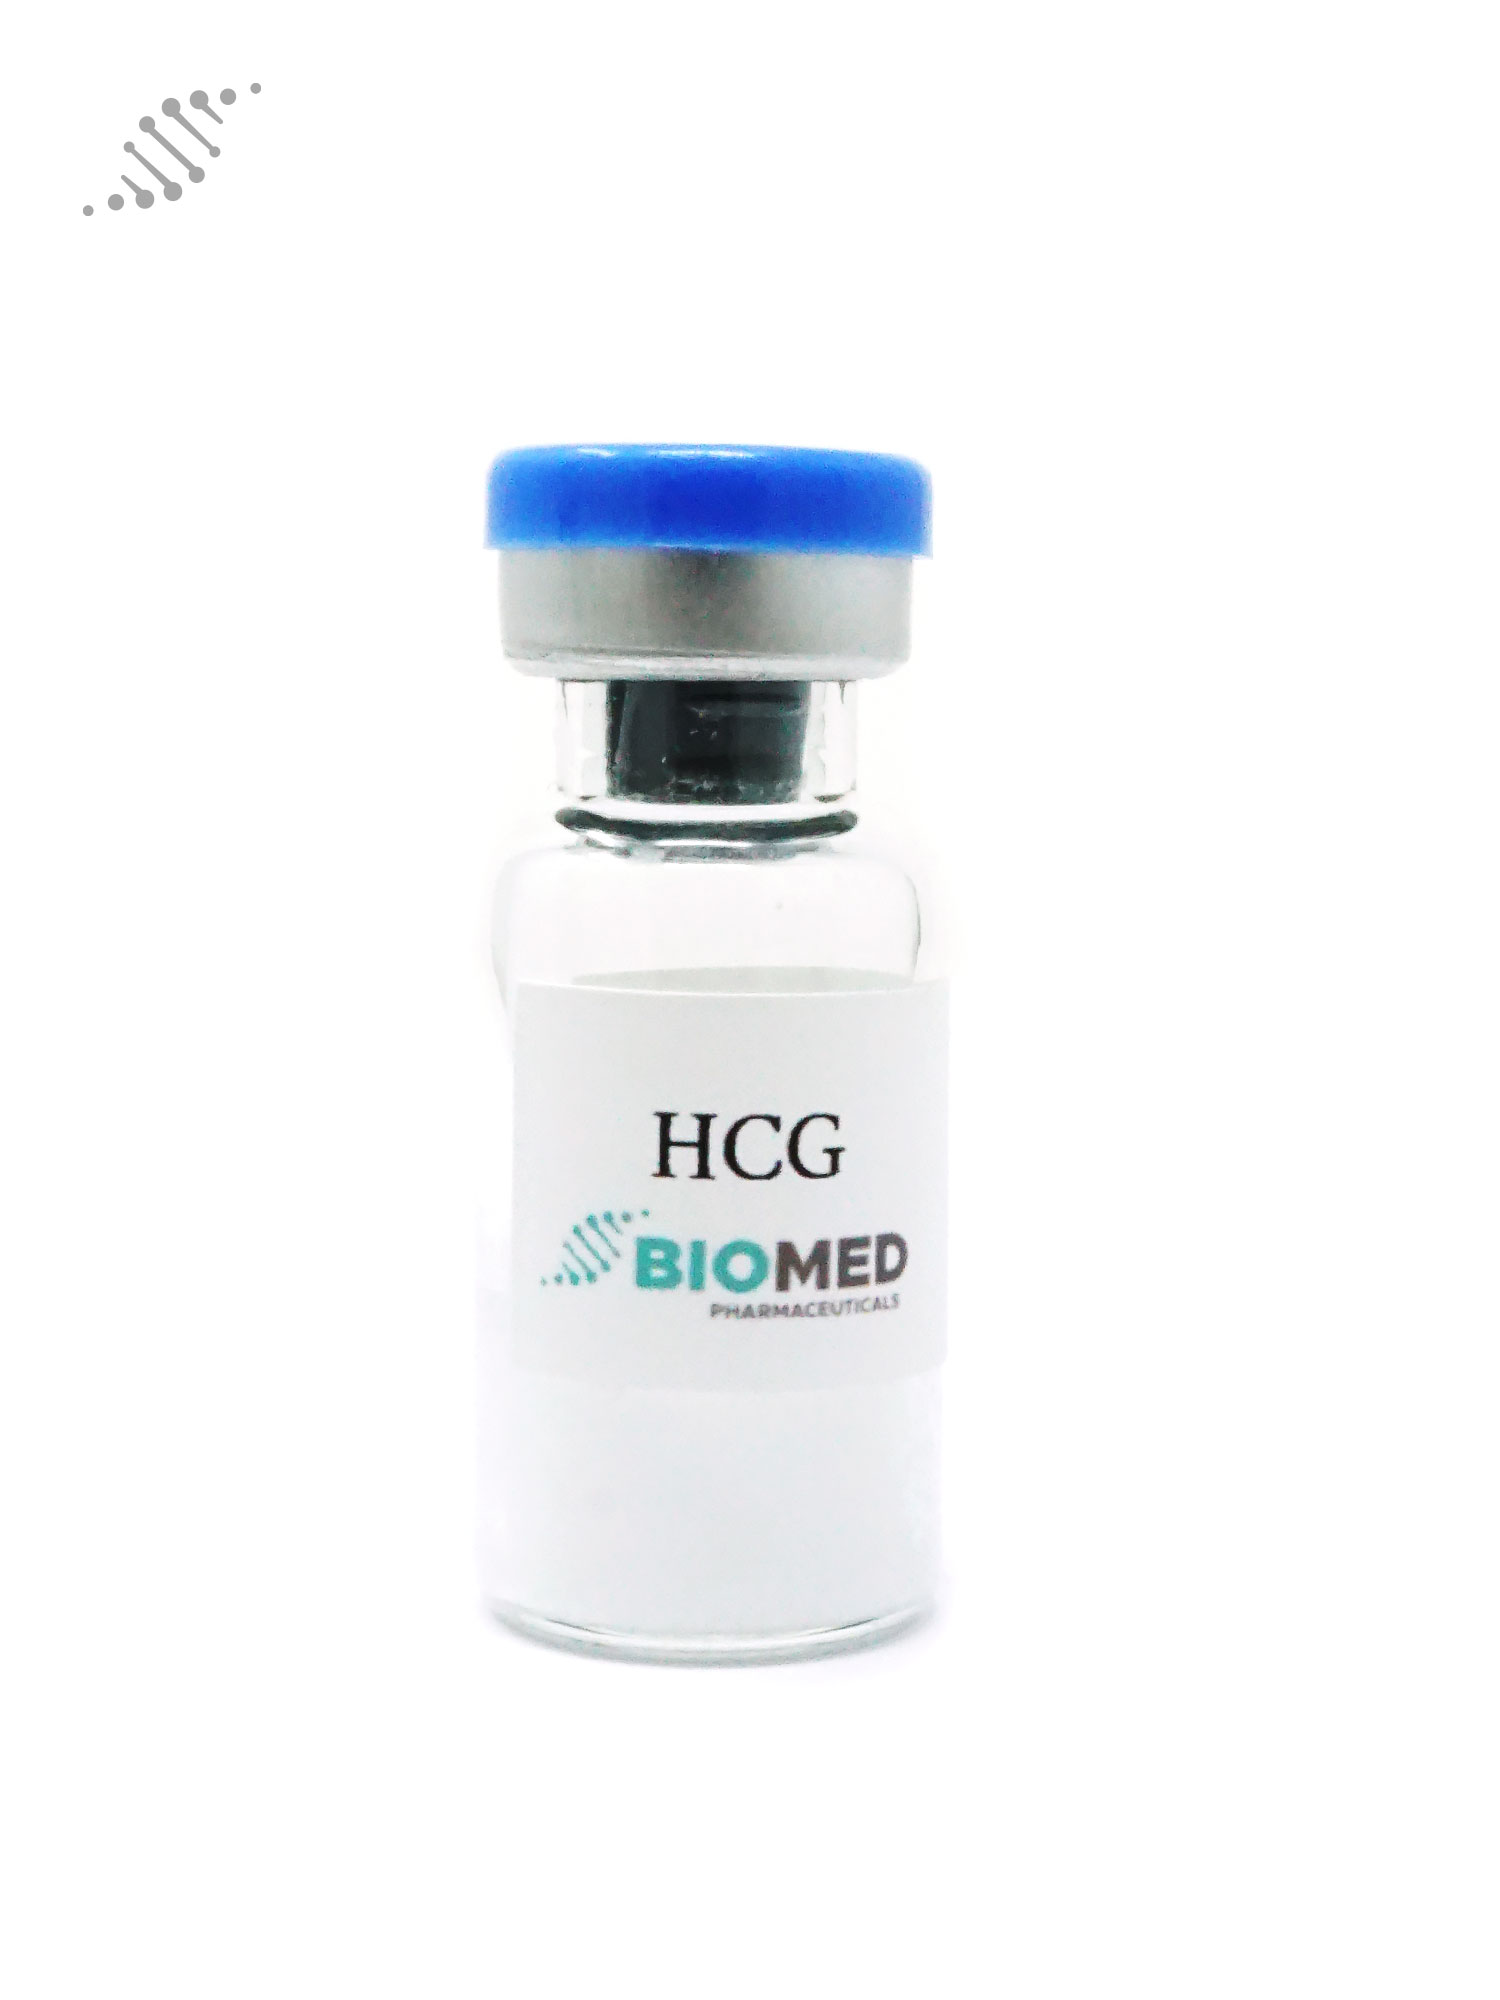 Biomed HCG 5000IU/Vial